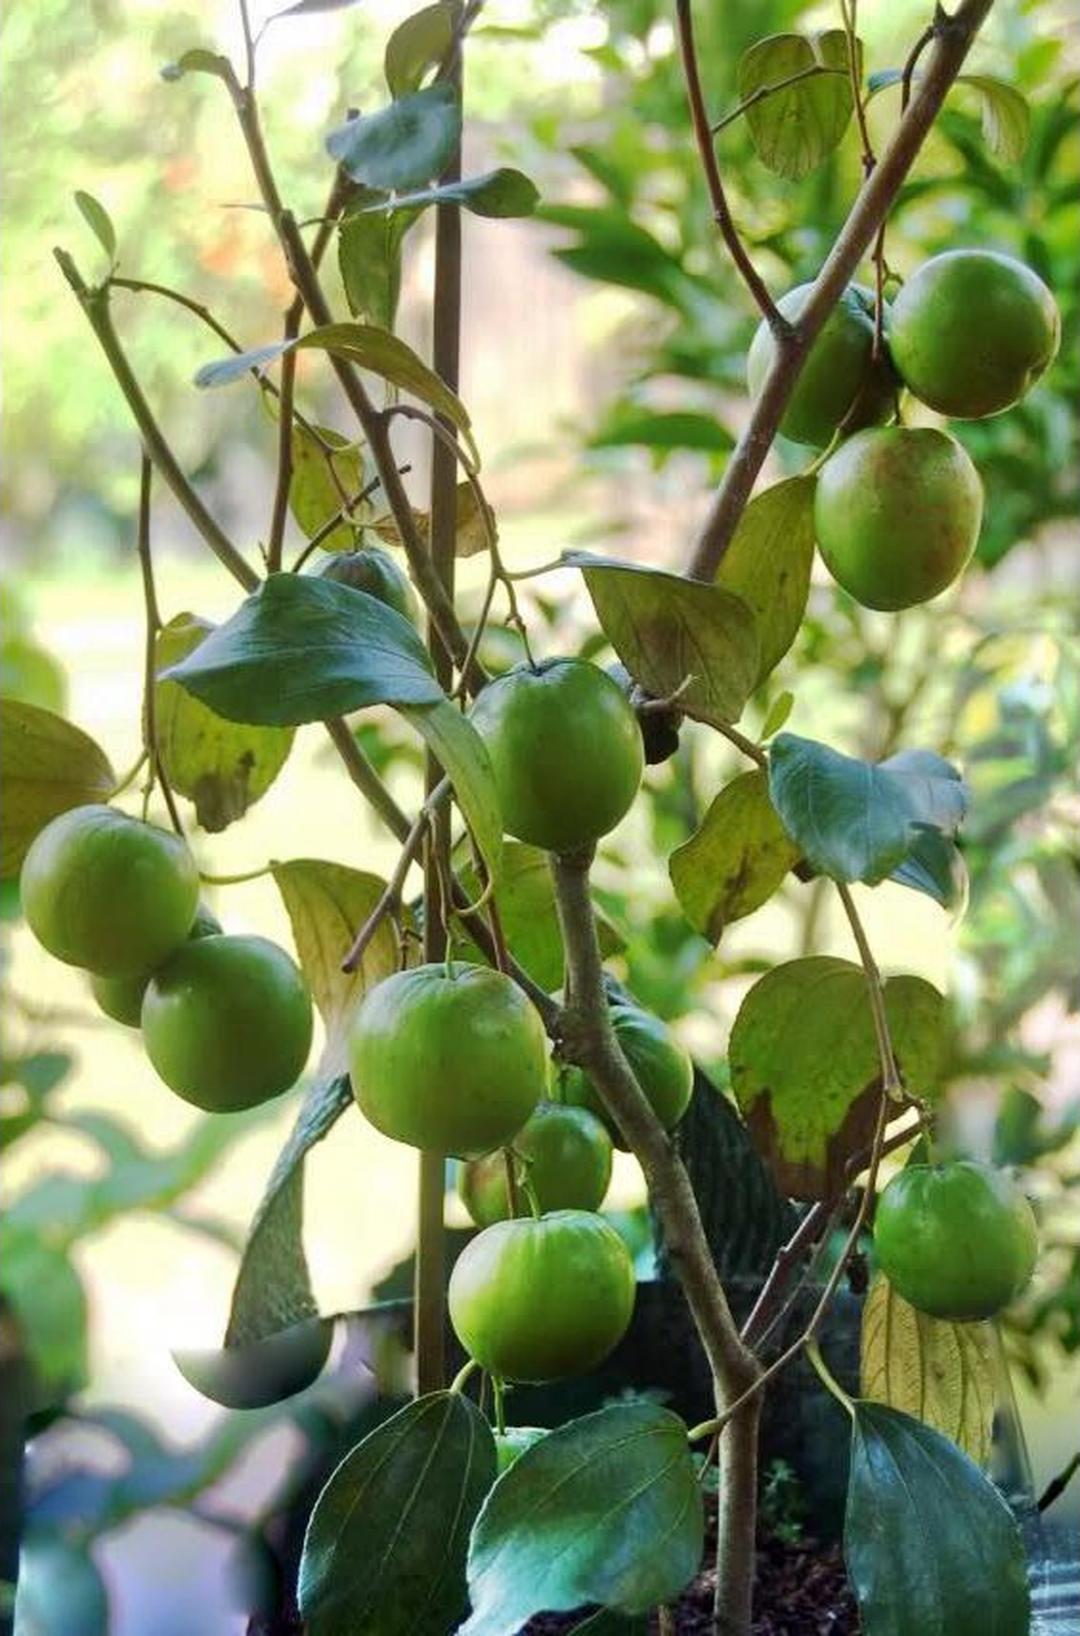 Istimewa! Bibit Tanaman Buah Apel Putsa India Kota Kediri #bibit buah genjah